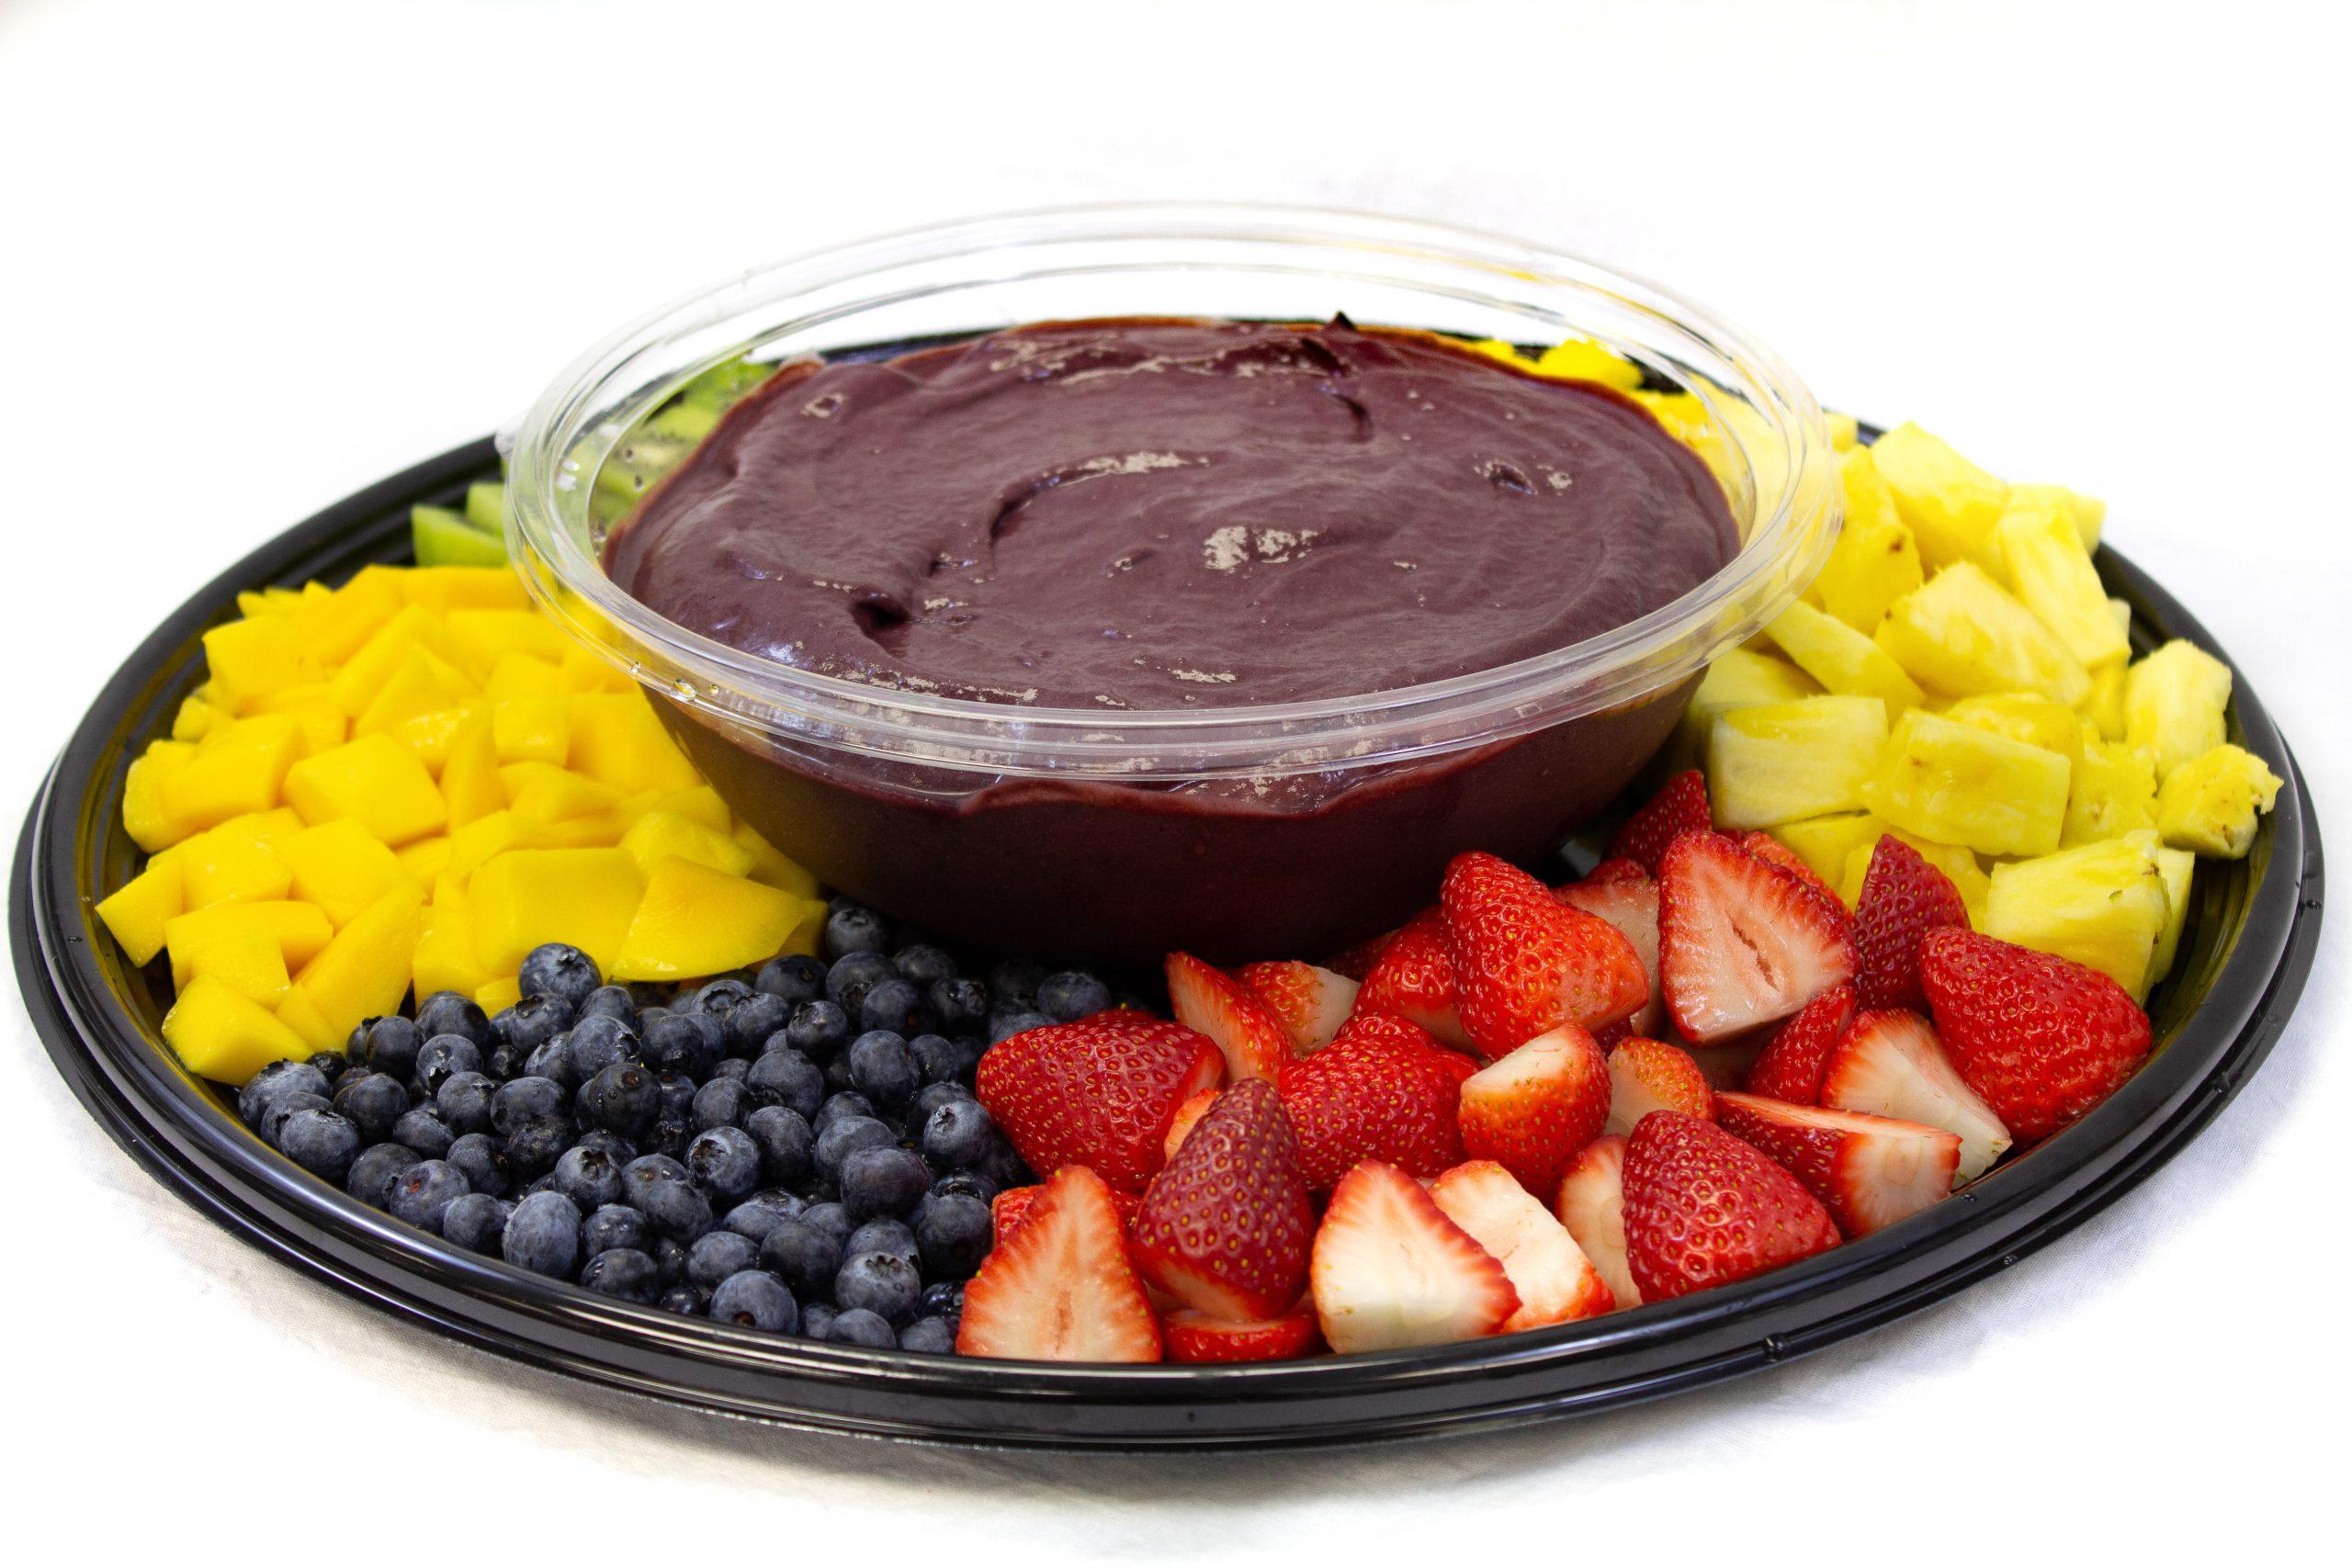 Catering Tray at Frutta Bowls